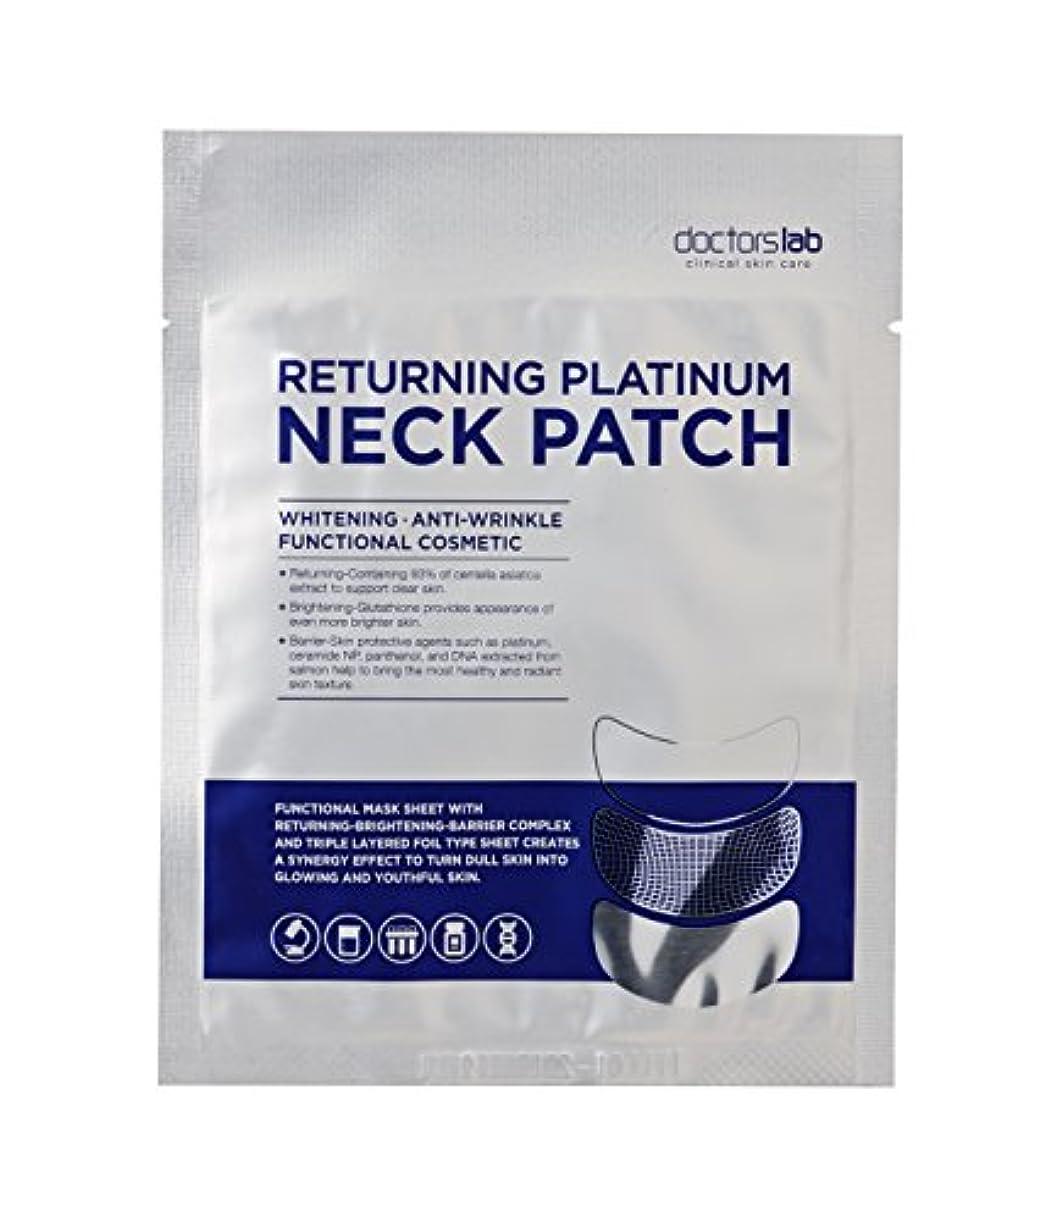 感じラフ睡眠誓約Doctor's Lab Clinical Skin Care 戻るプラチナネックパッチ 4本/箱